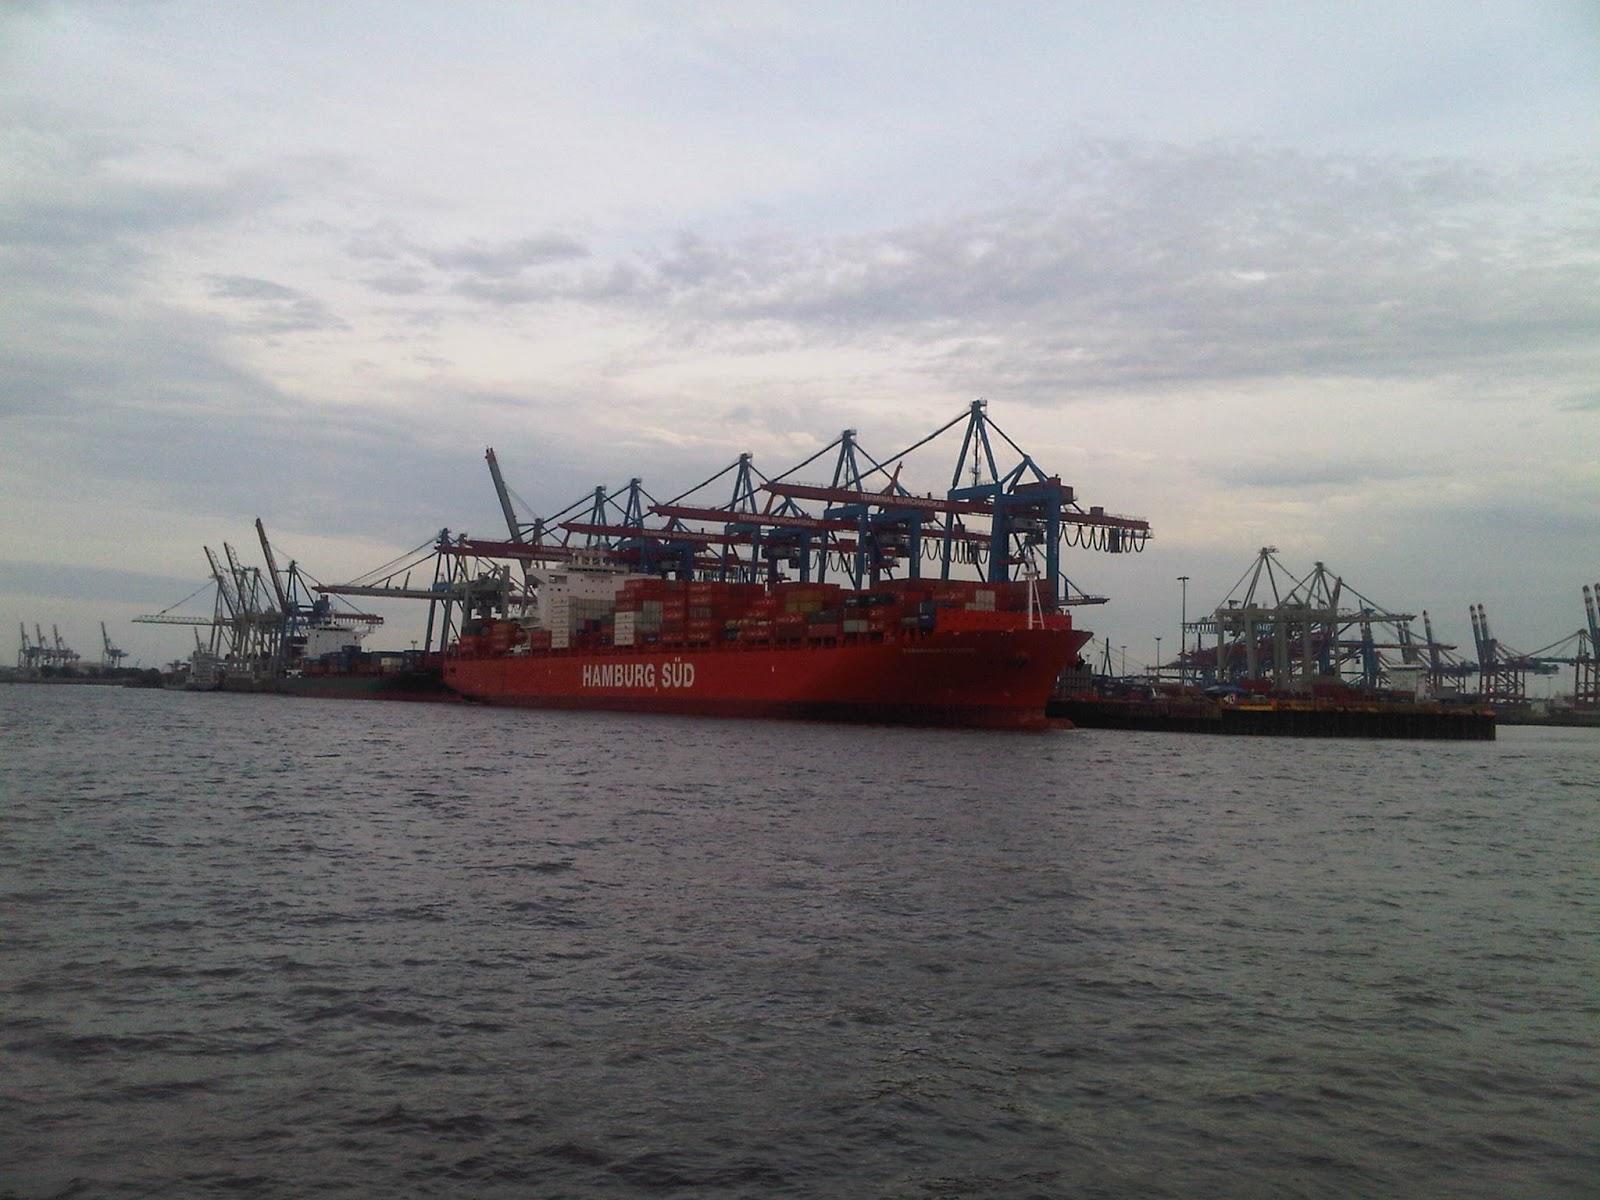 Container-Frachter Hamburg Süd am Container-Hafen. Wasser, roter Frachter, Kräne